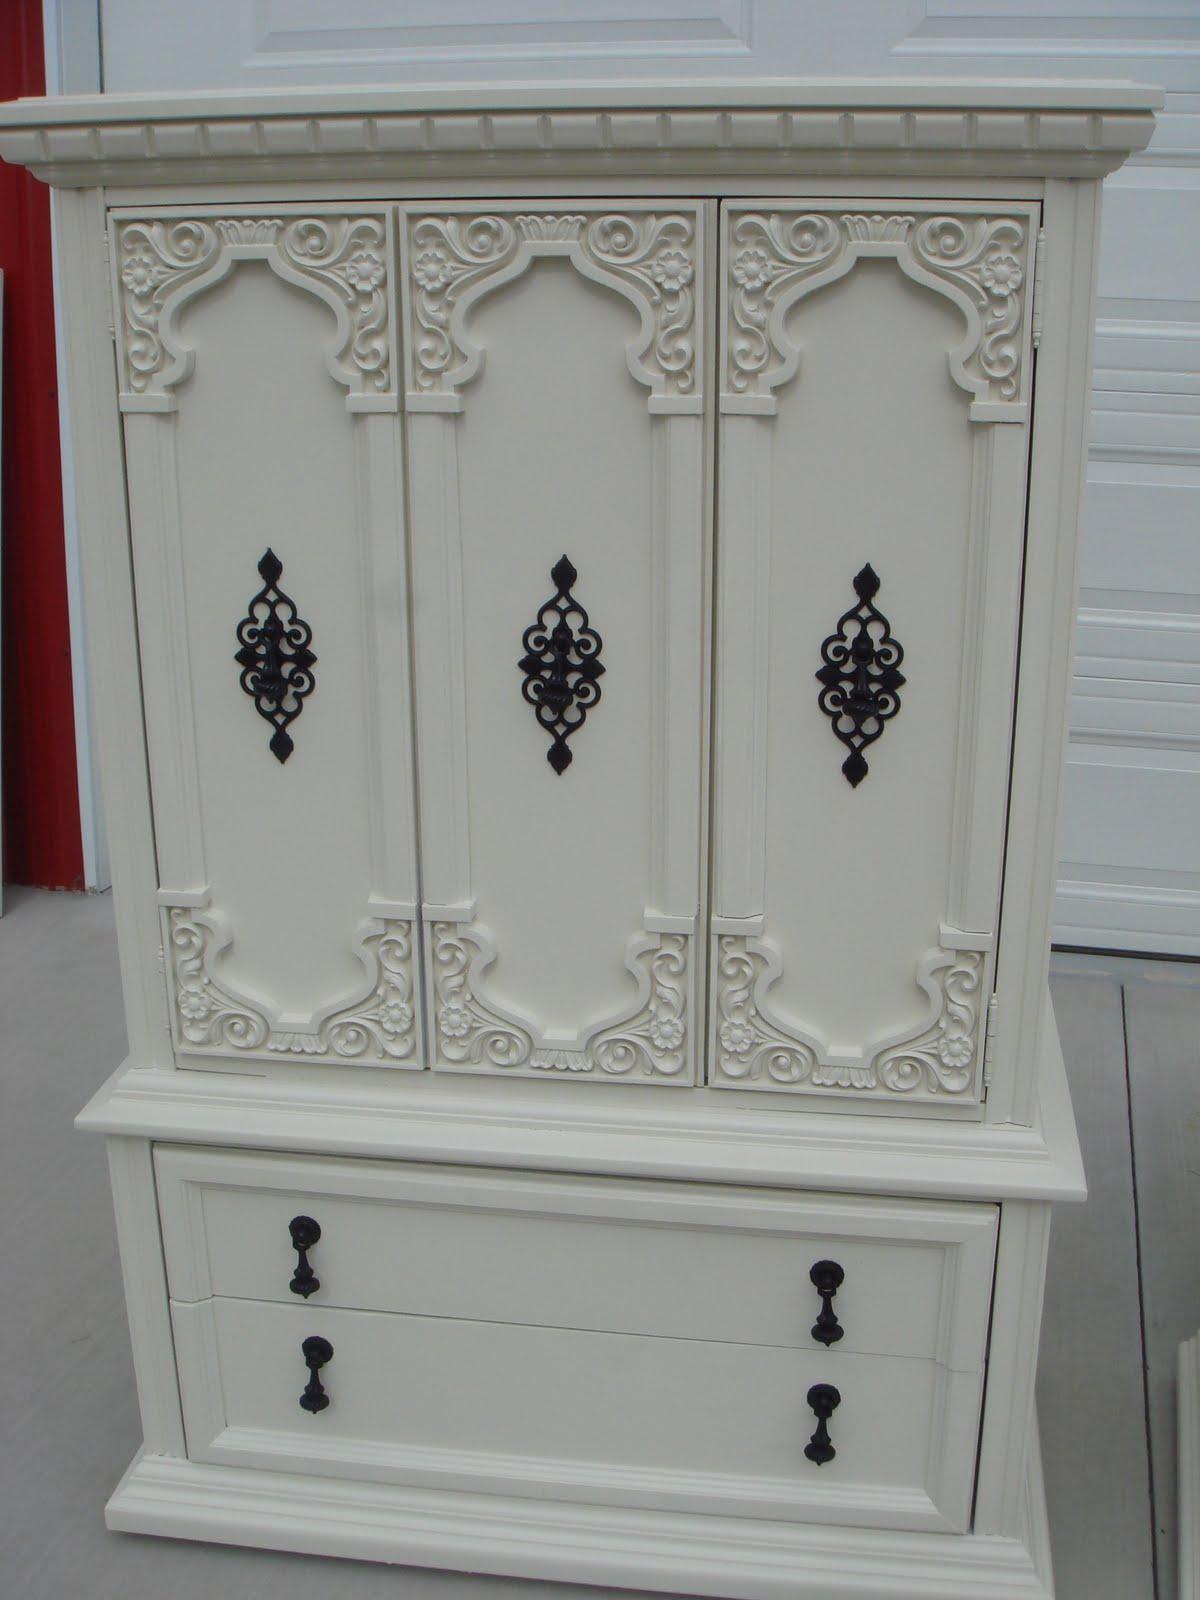 copperstar furniture cream ornate 7 piece bedroom set. Black Bedroom Furniture Sets. Home Design Ideas